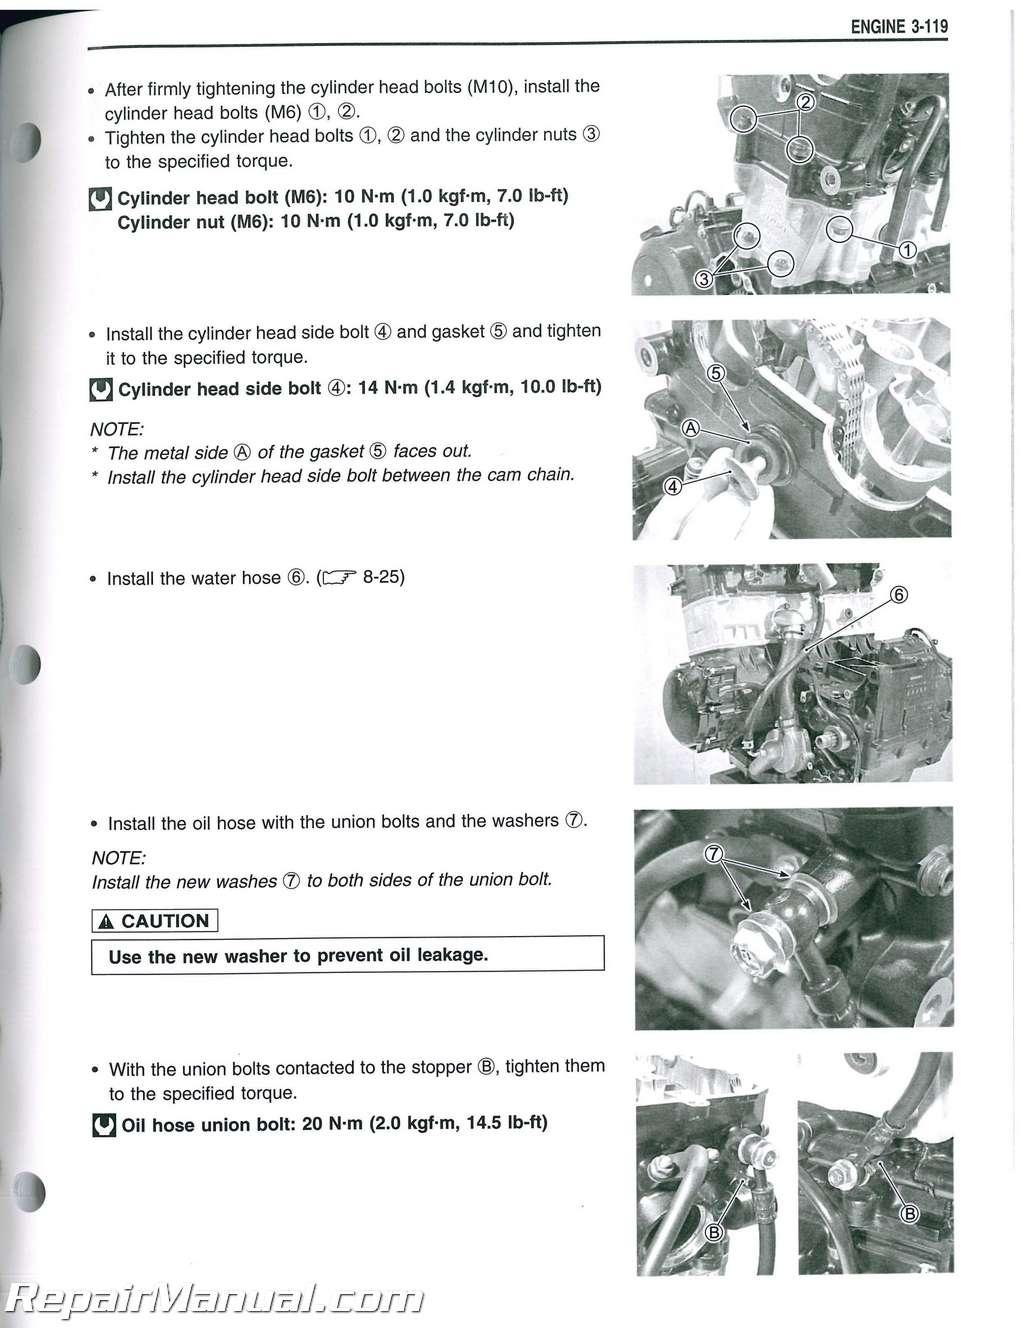 1999 2007 suzuki gsxr1300 hayabusa motorcycle service manual rh repairmanual com 2016 Hayabusa 2007 suzuki hayabusa service manual pdf